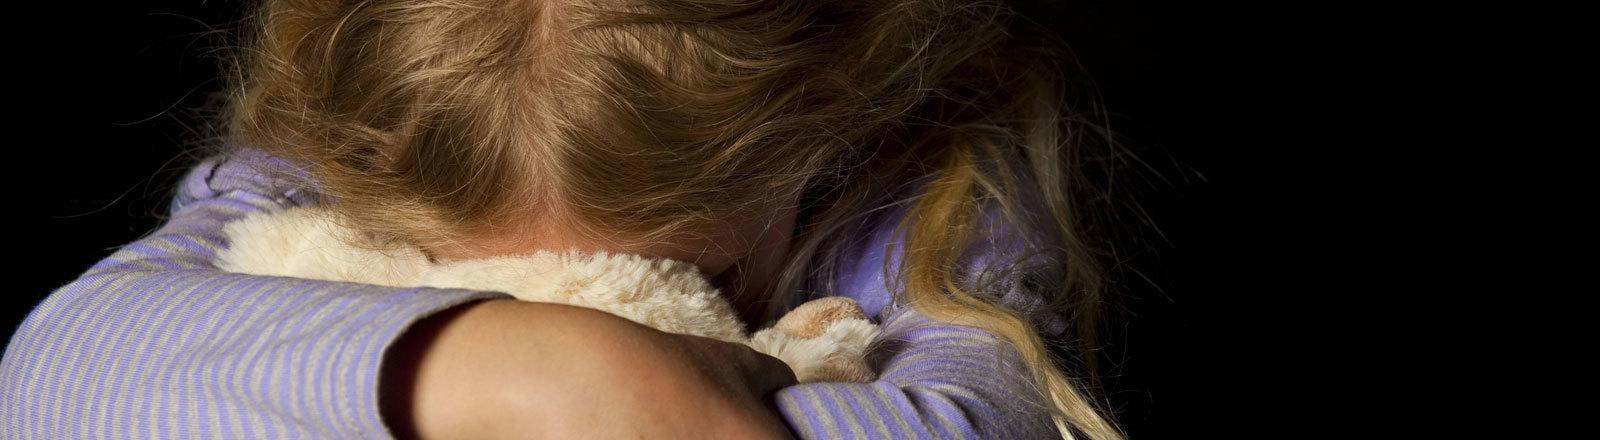 Mädchen vergäbt sein Gesicht in einem Kuscheltier